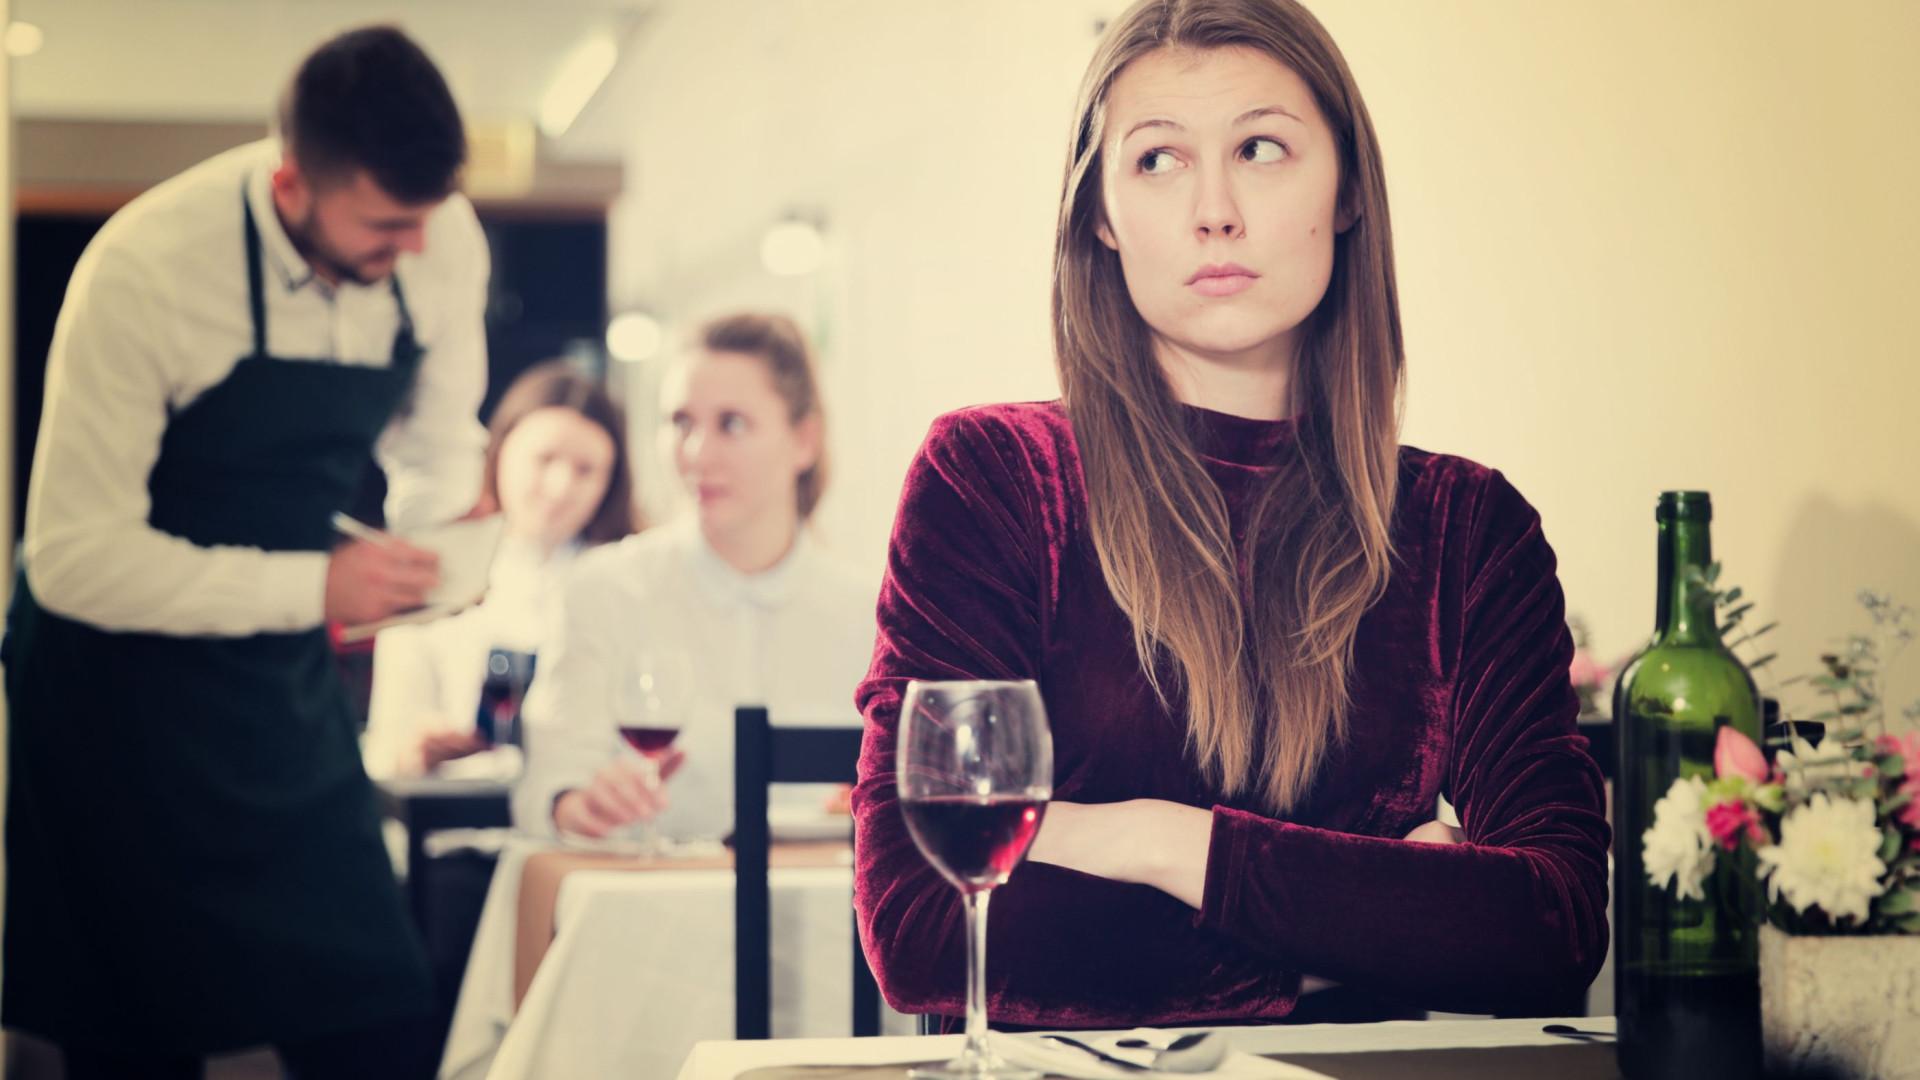 Comer sozinho faz mal à sua saúde. Saiba porquê